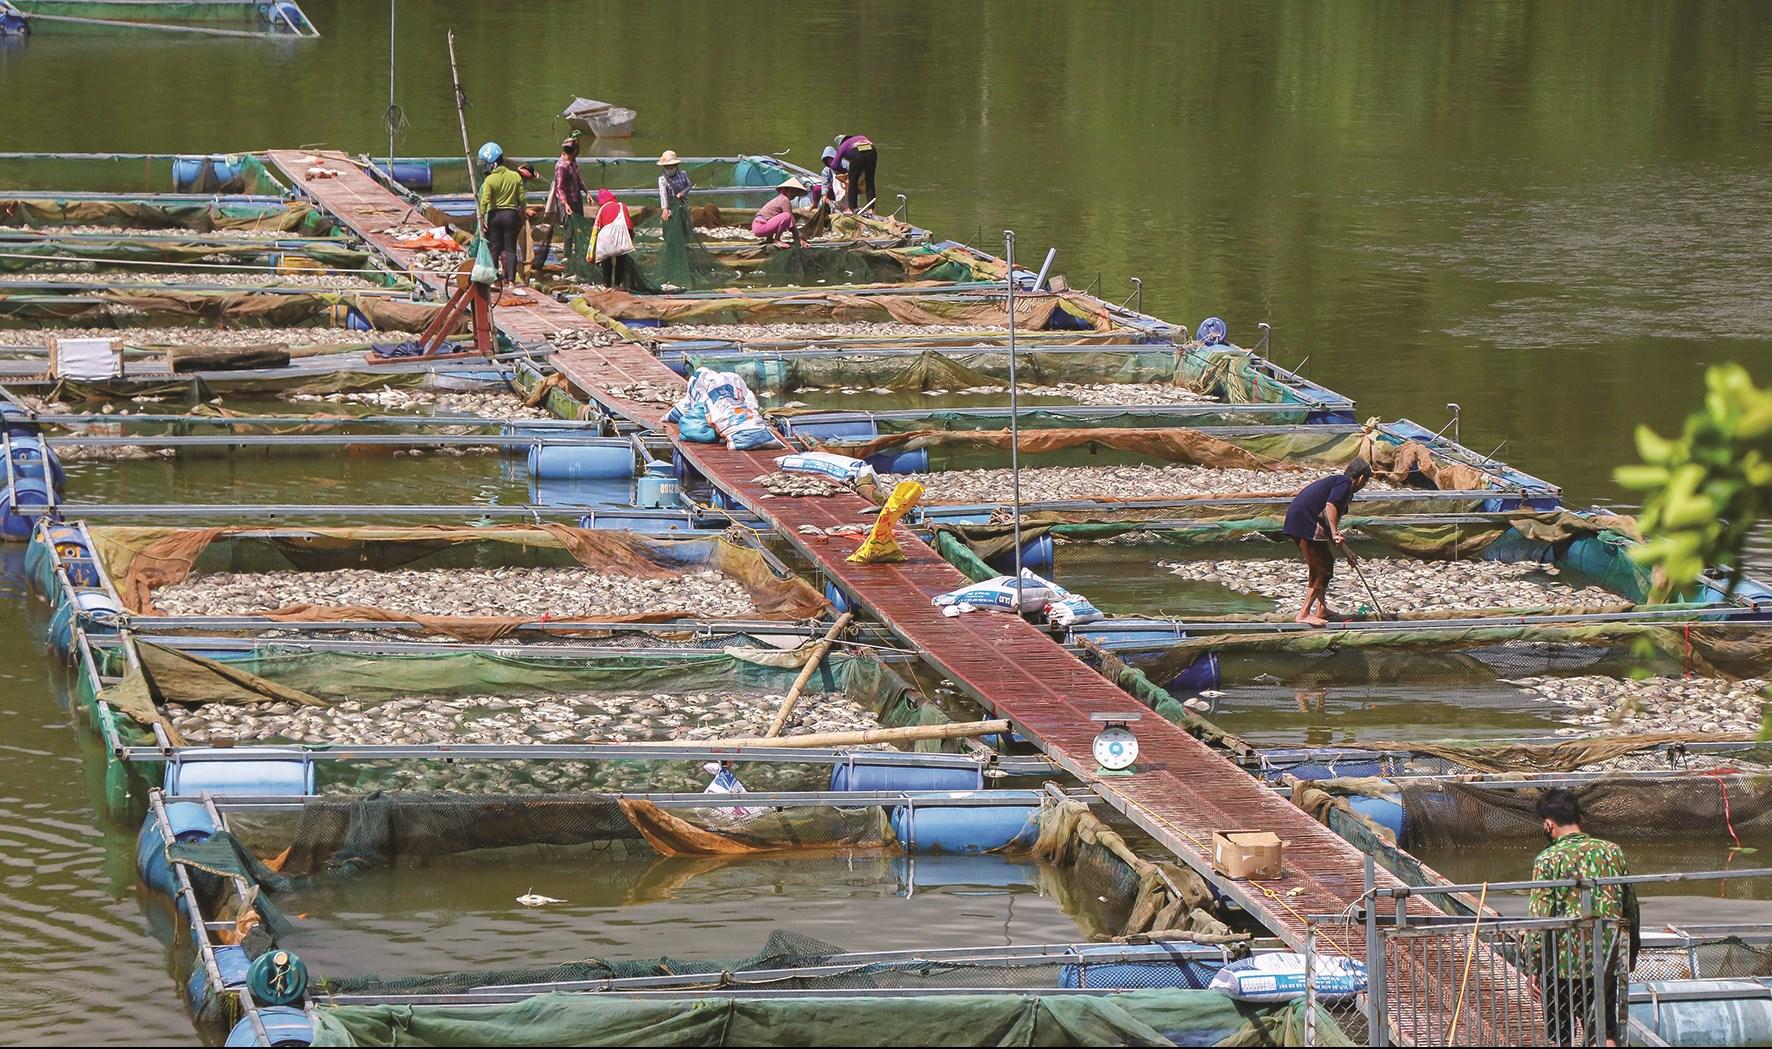 Gần 80 tấn cá lồng trên hồ Hồng Khếnh bị chết hàng loạt.